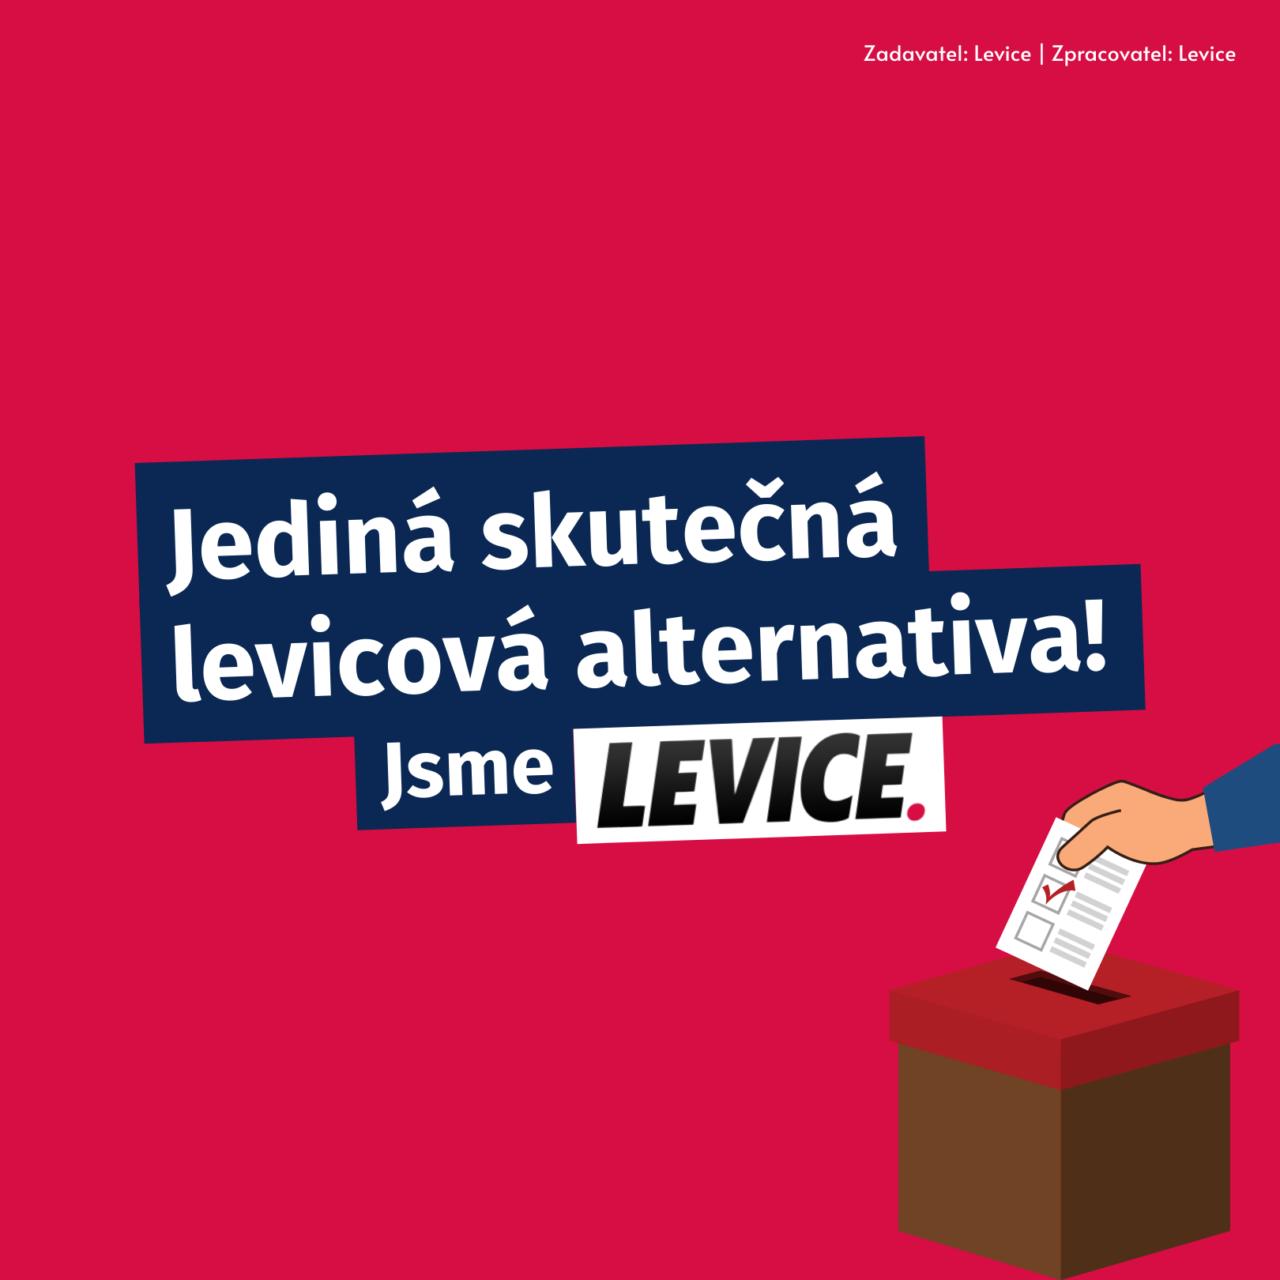 https://jsmelevice.cz/wp-content/uploads/2021/06/ctverec-levicova-alternativa-1280x1280.png